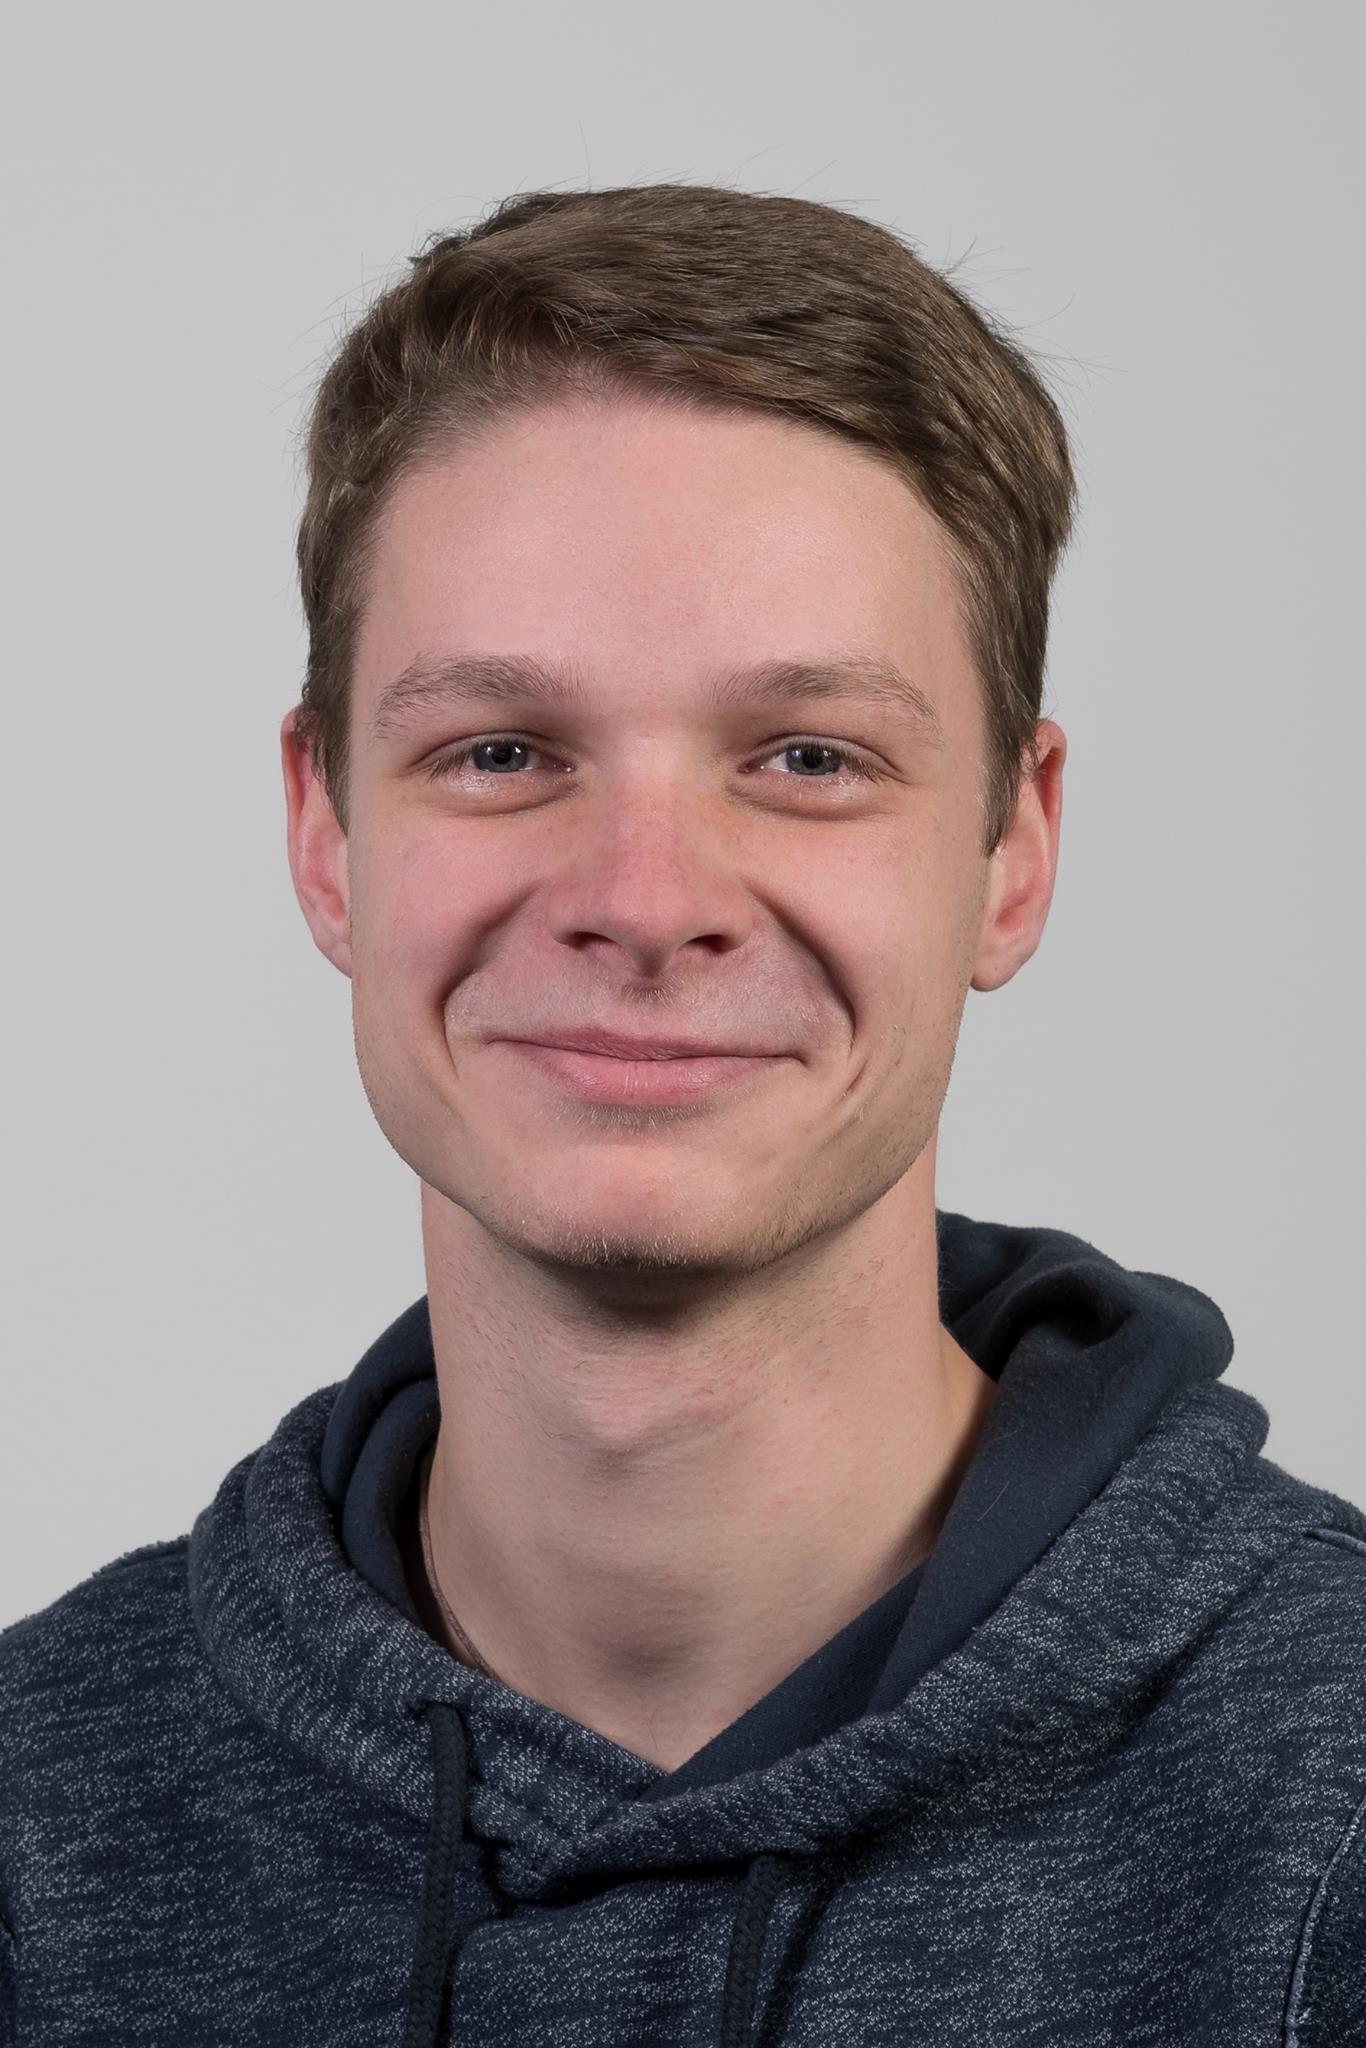 Sven Mörsel